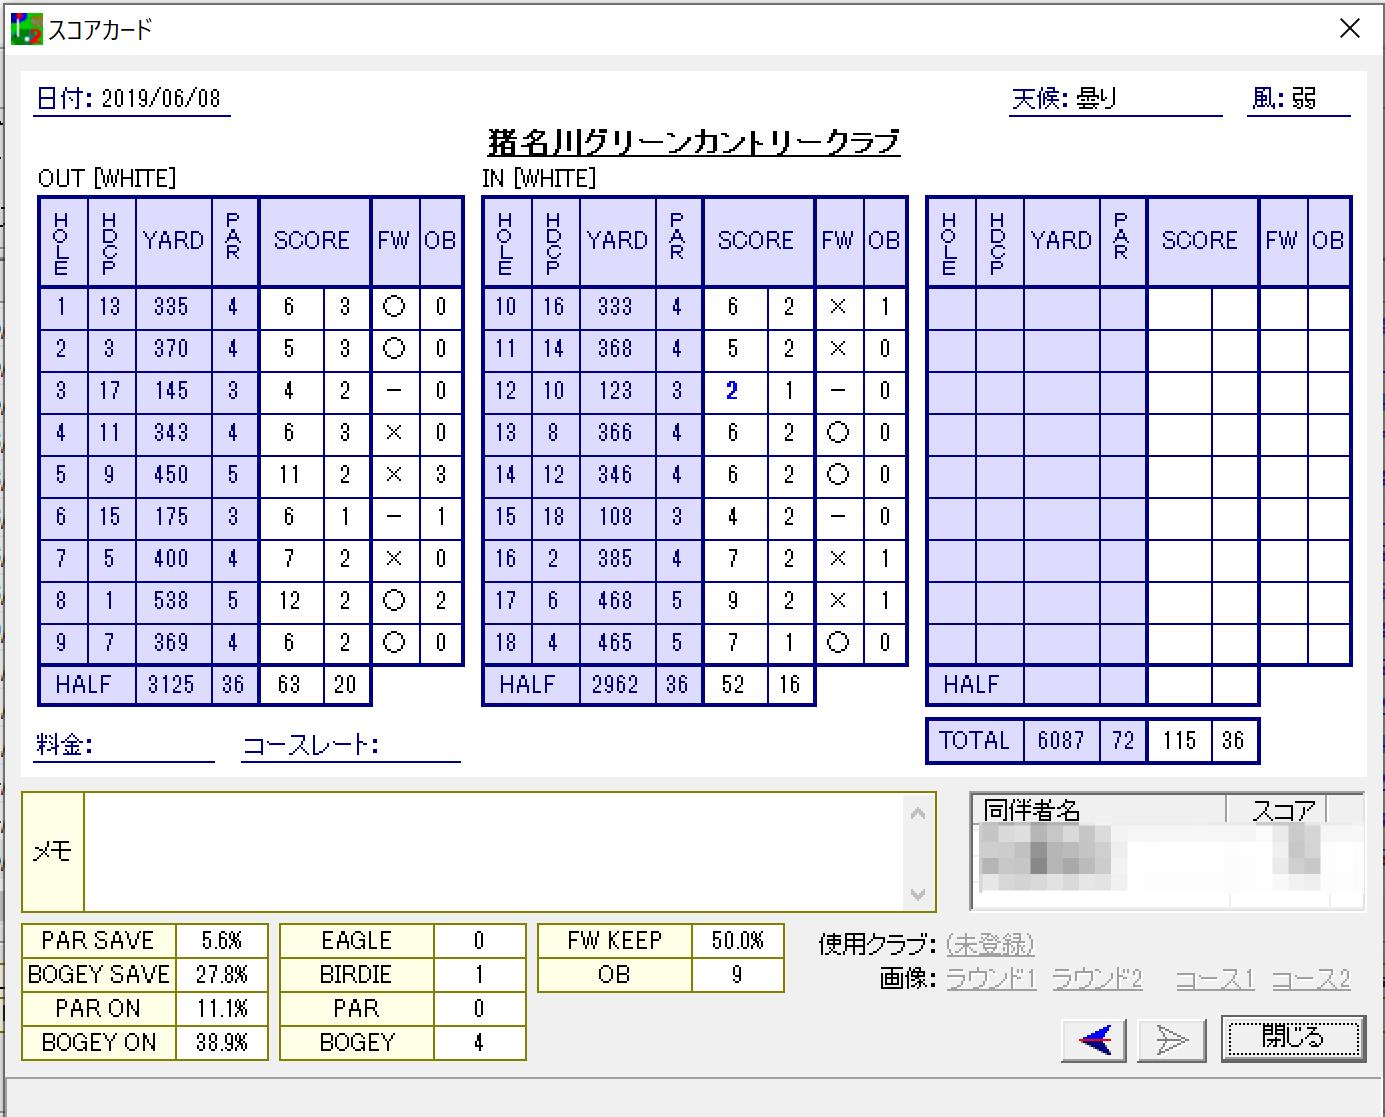 兵庫県 – 猪名川グリーンカントリークラブ